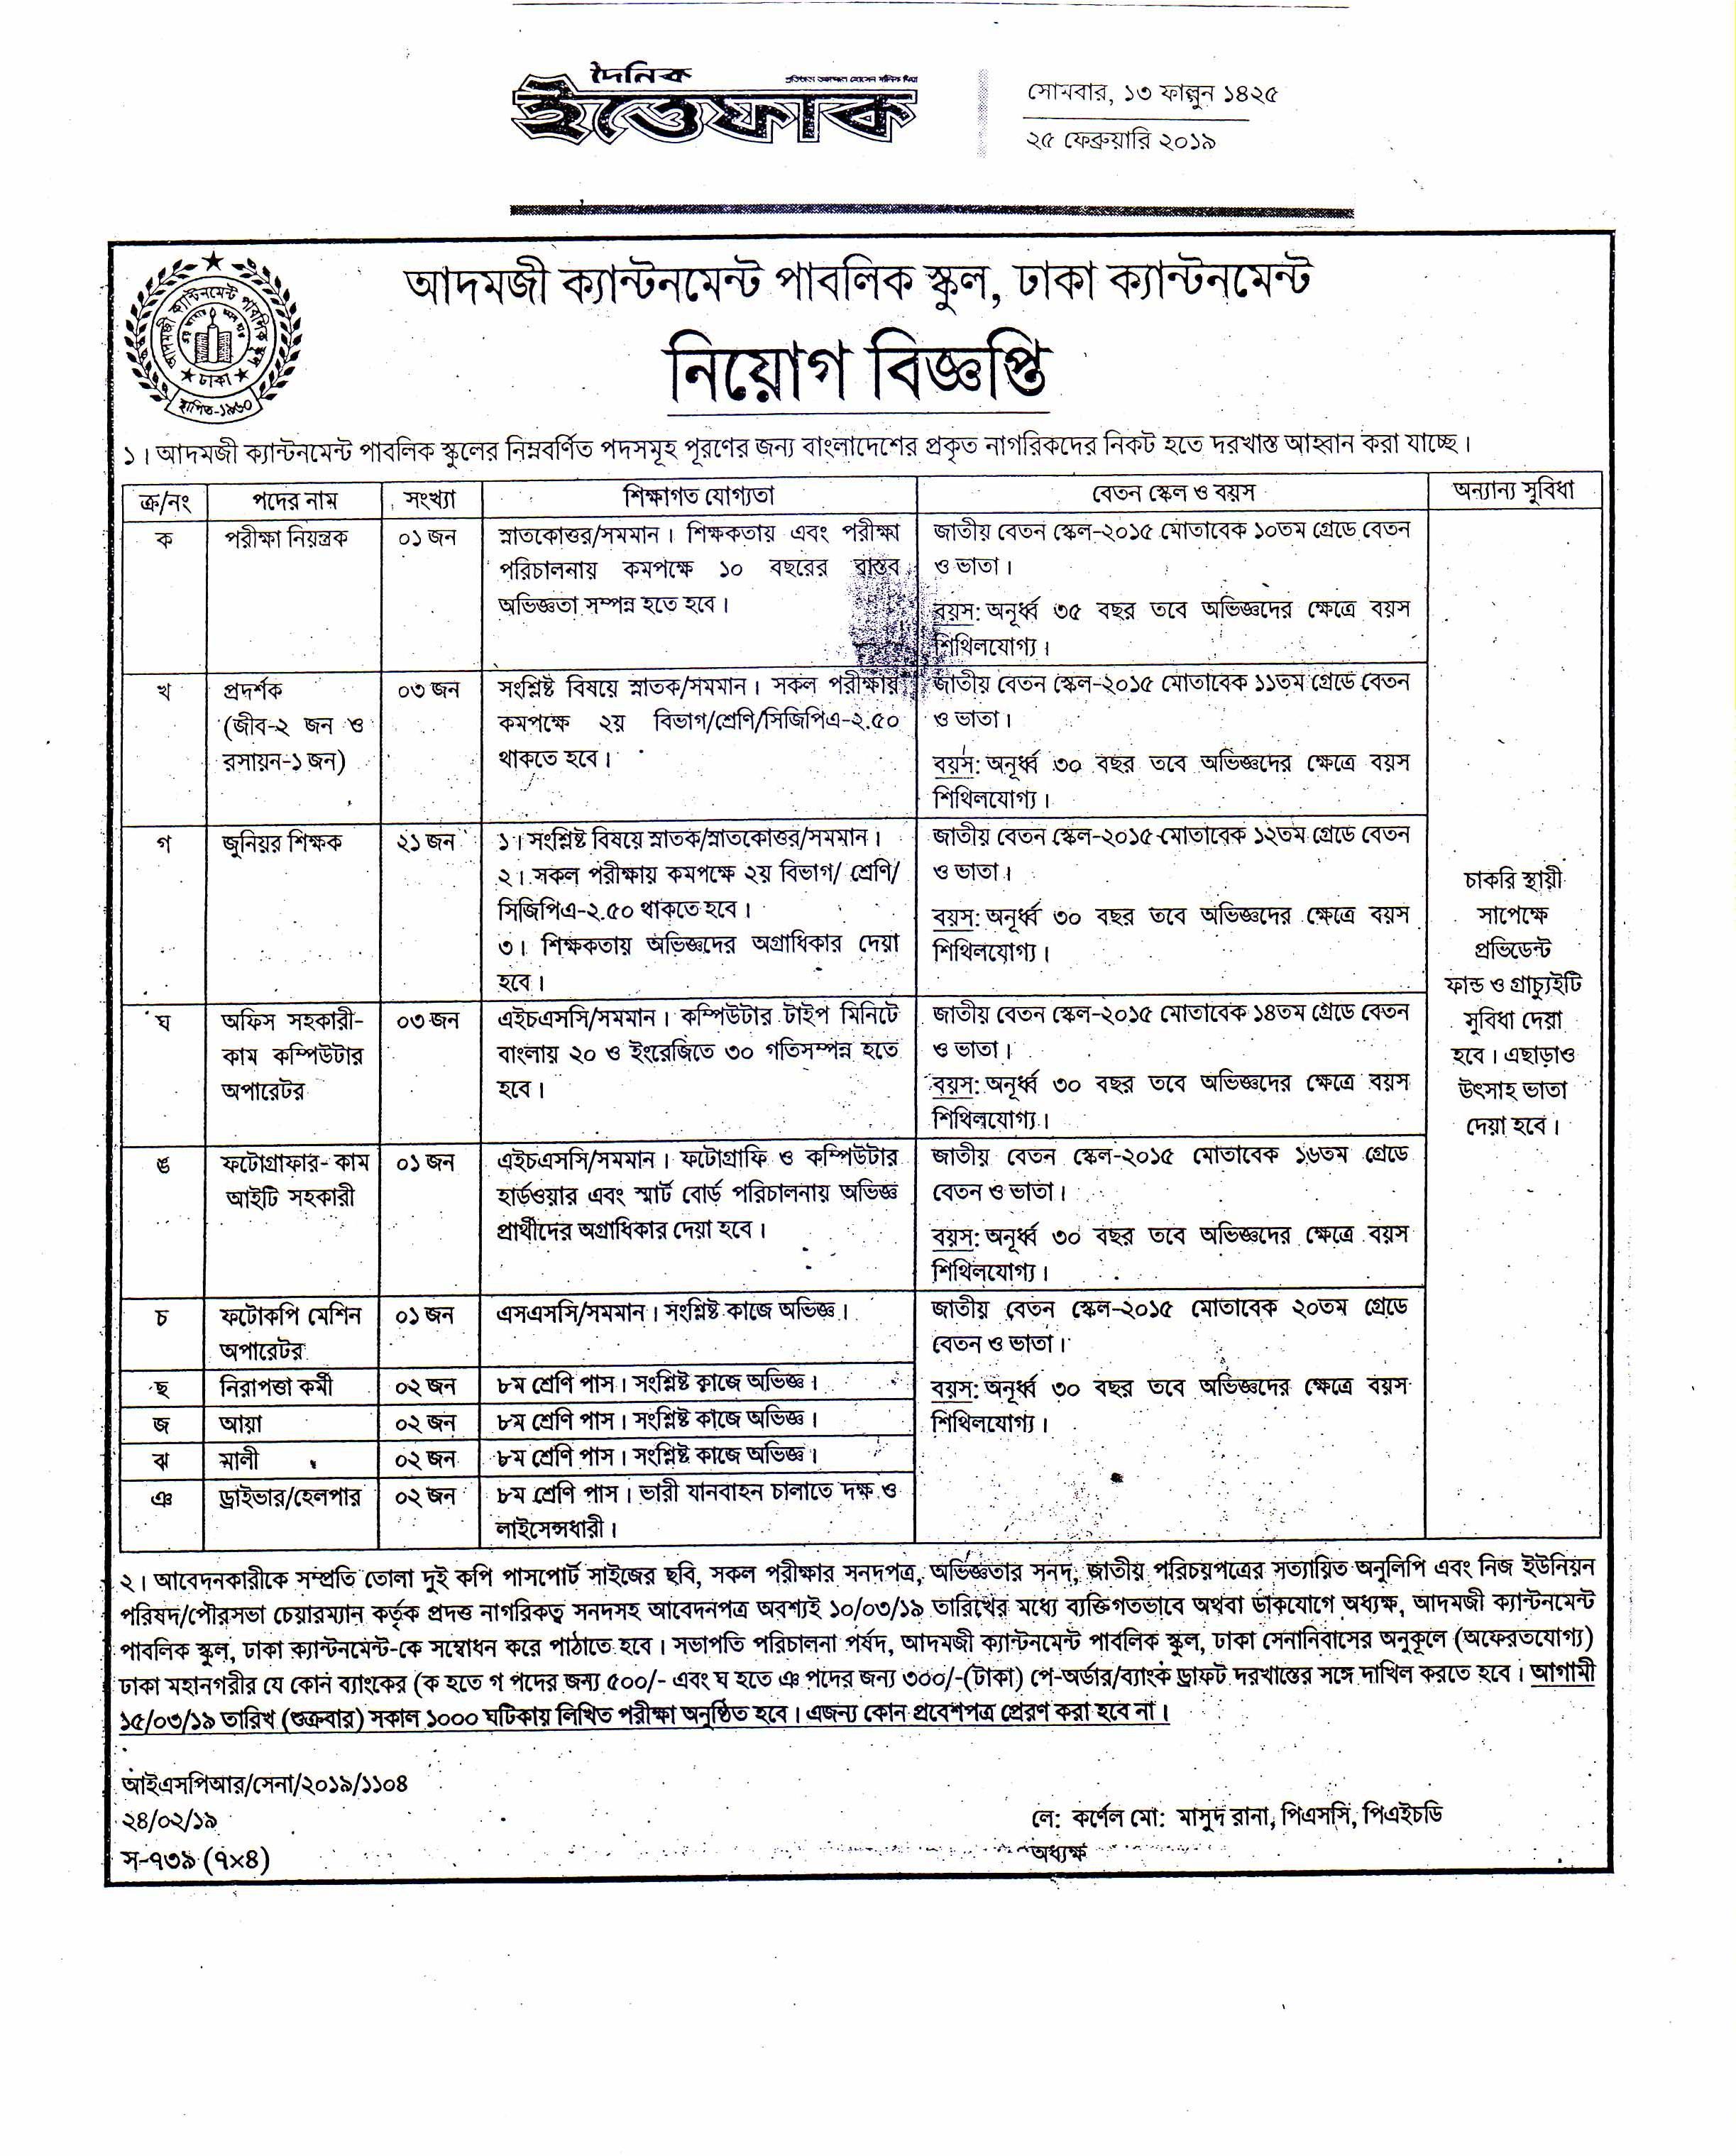 Adamjee-Cantonment-Public-School-Circular-page-001